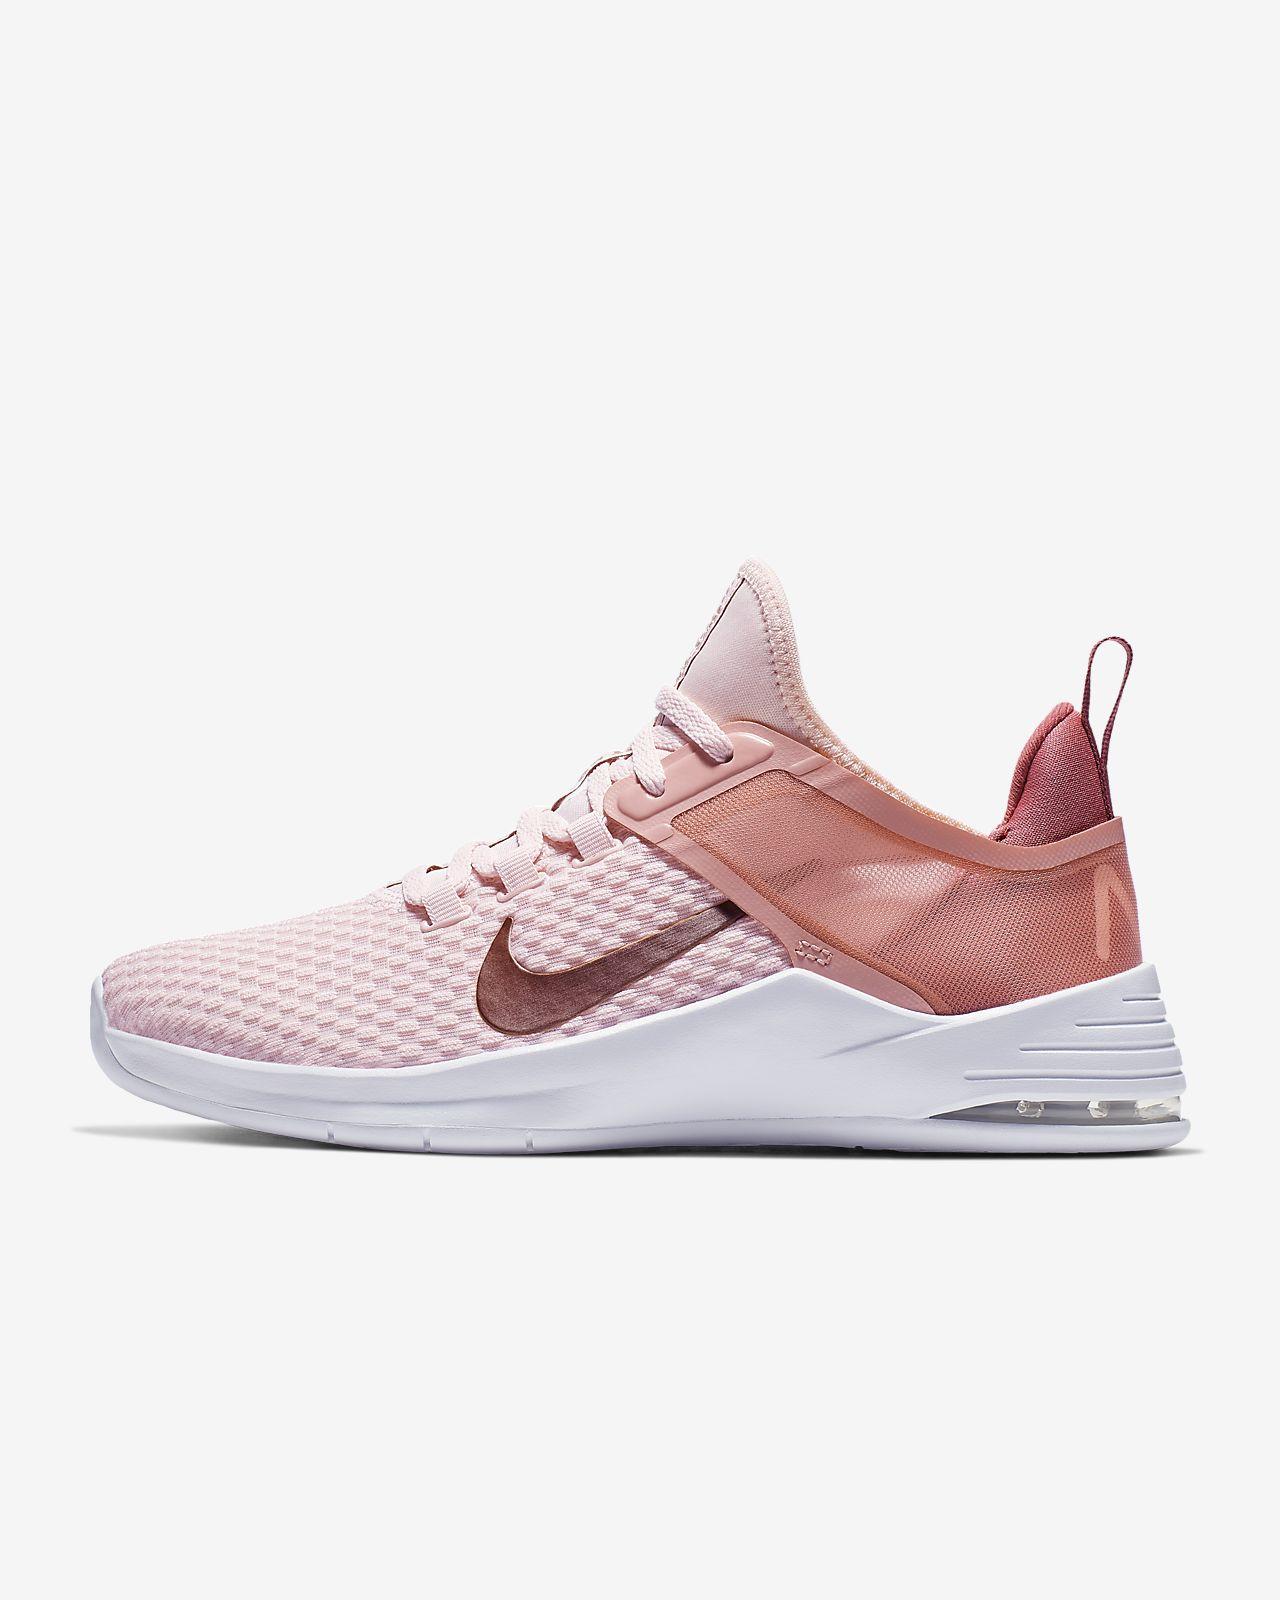 Nike Air Max Women at nike sneaker